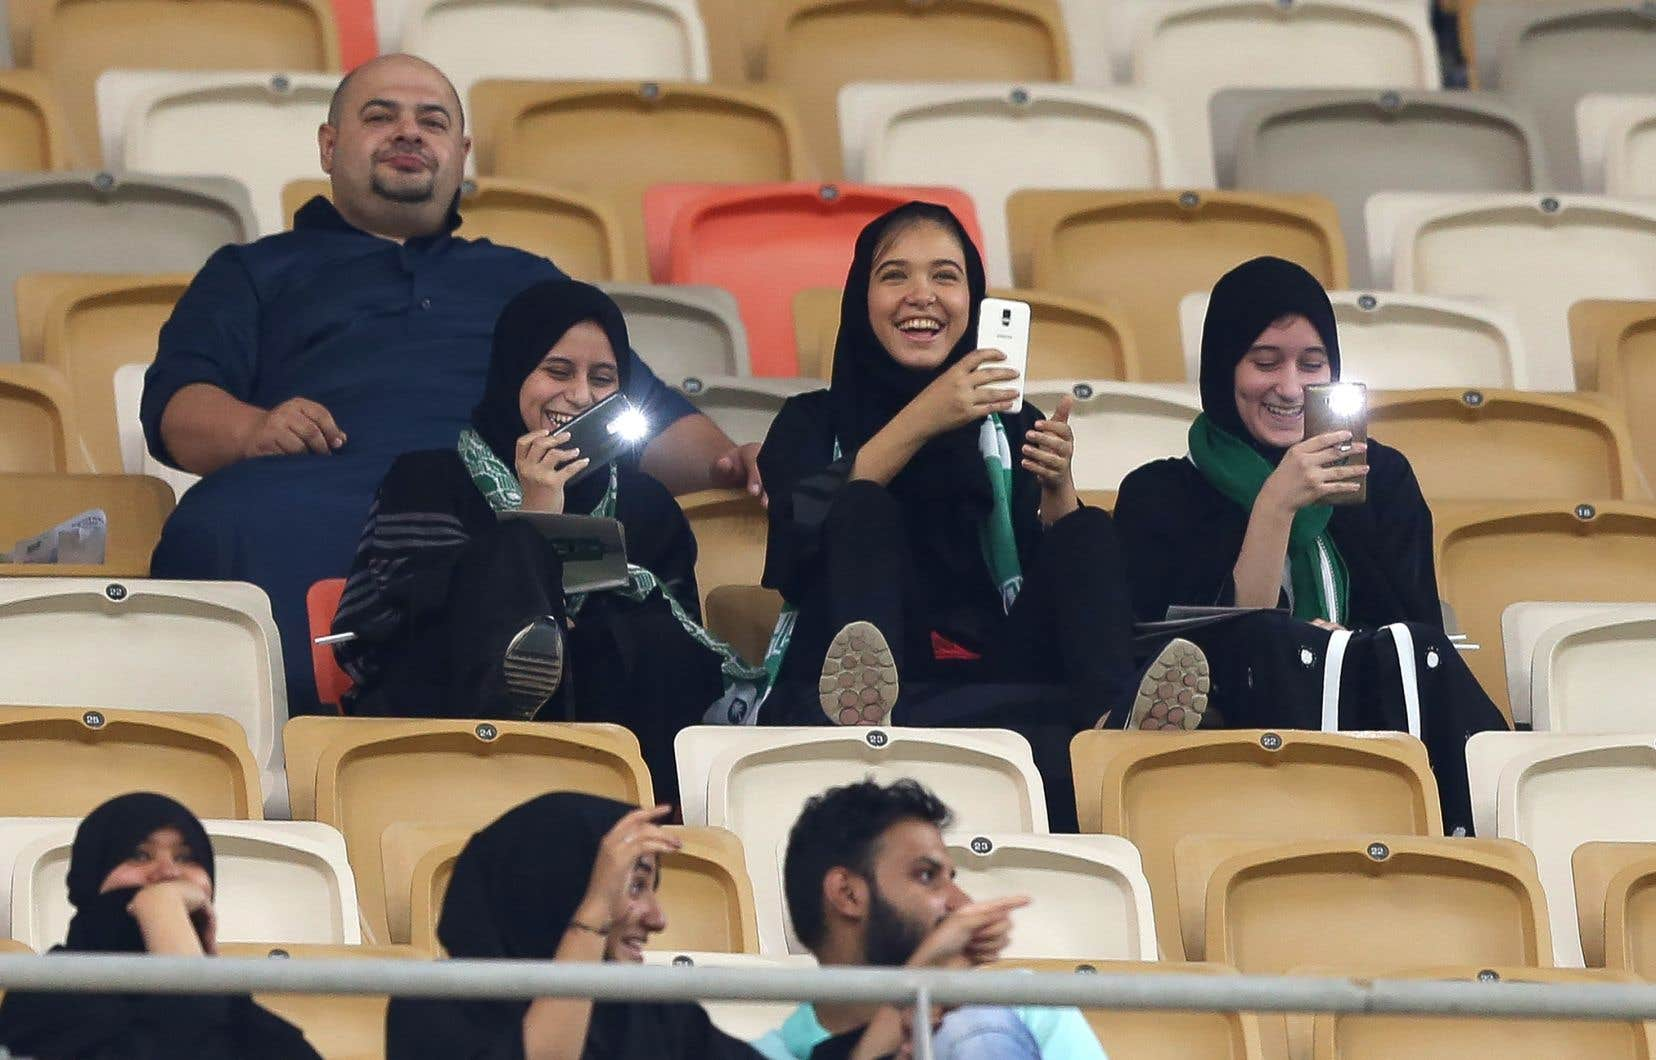 Les premières partisanes ont fait leur entrée dans le stade presque deux heures avant le coup d'envoi de la rencontre de la Ligue professionnelle saoudienne entre Al-Ahli et Al-Batin.